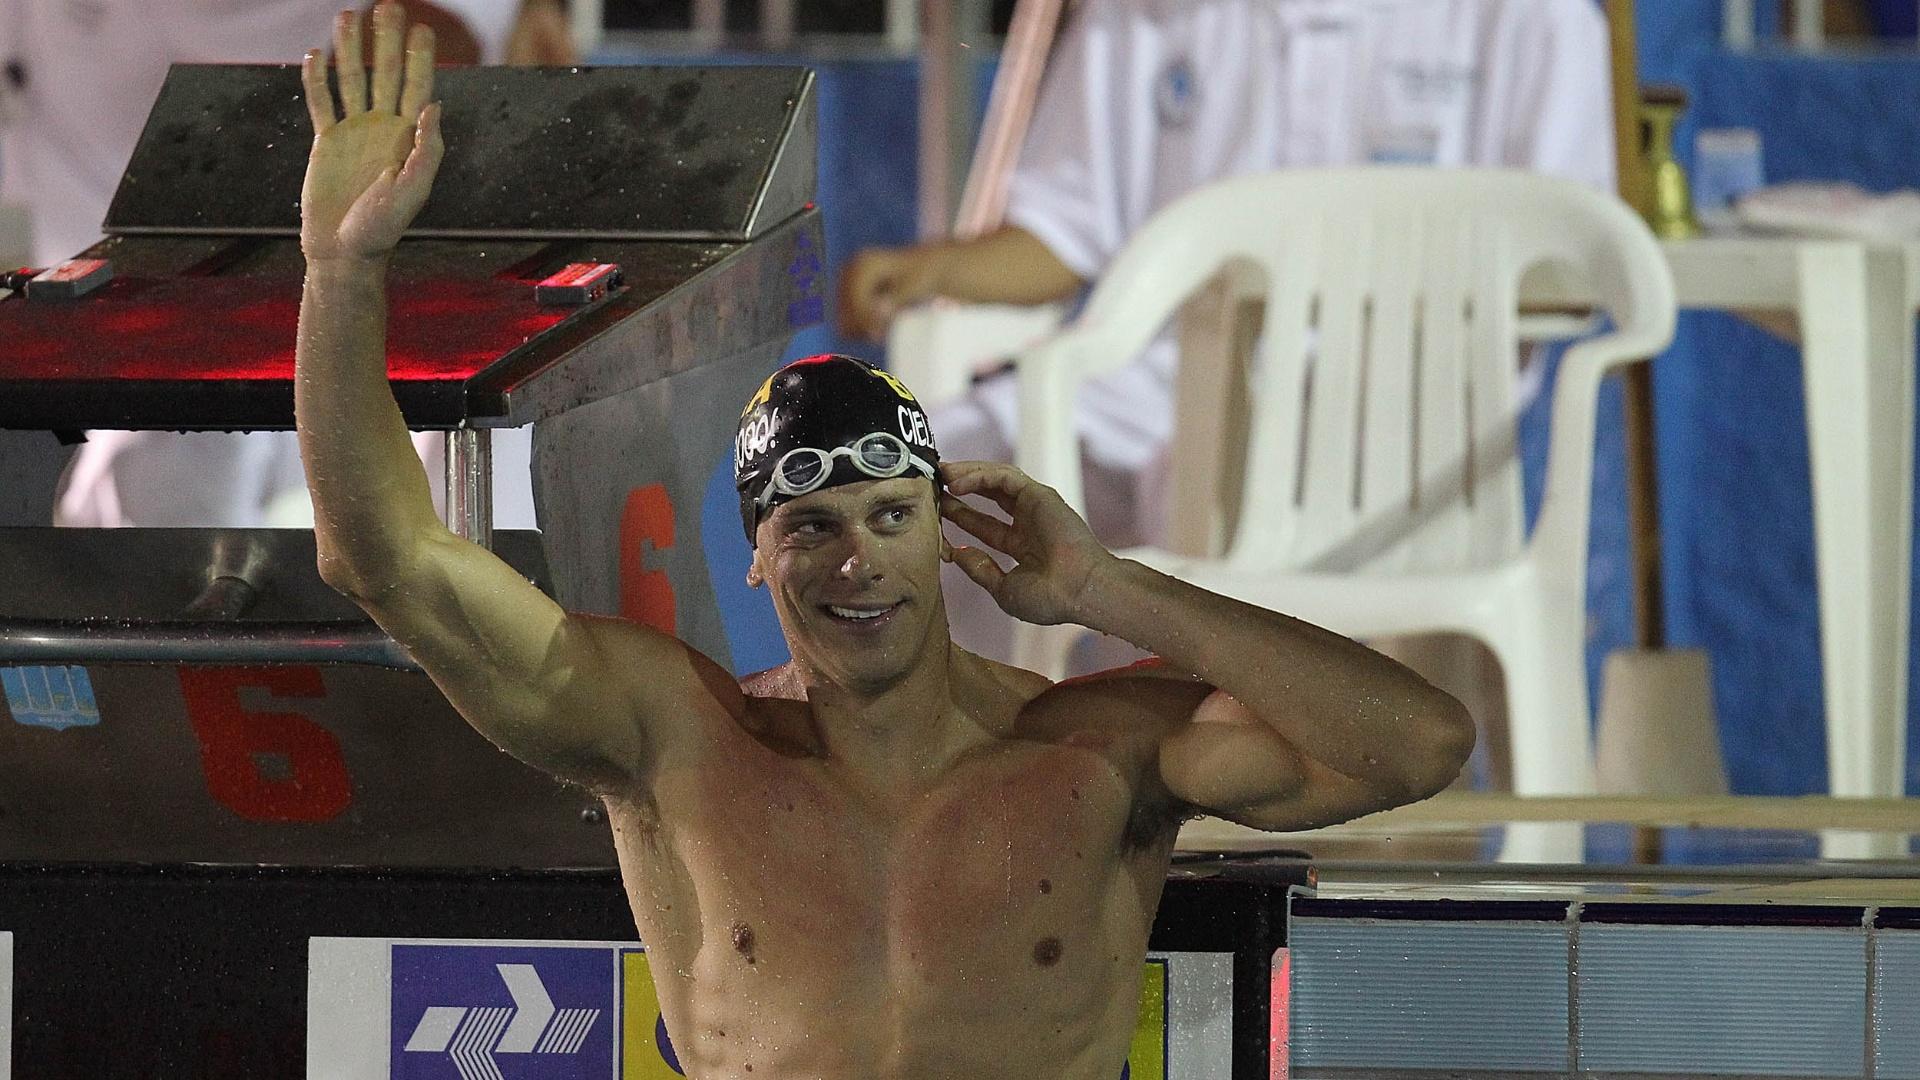 Cesar Cielo comemora vitória nos 50m livre no Sul-Americano, em Belém